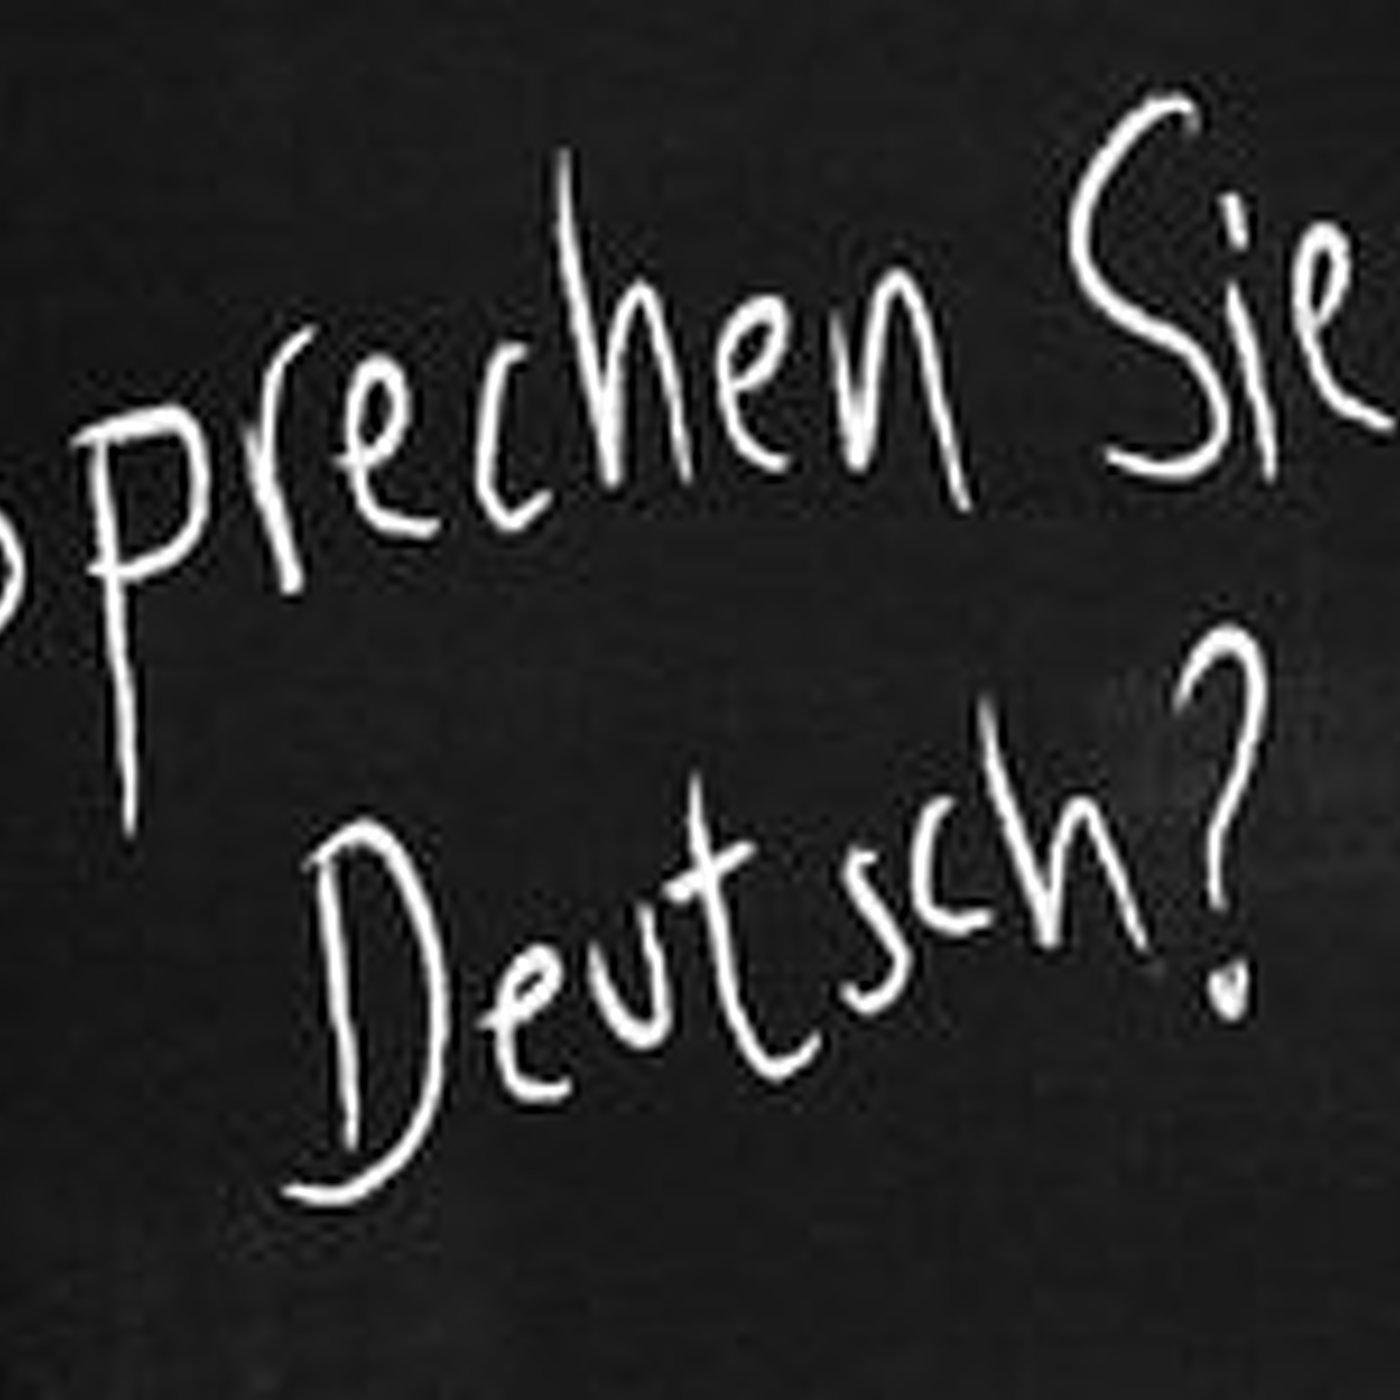 Abecedario Alemán Básico parte 1